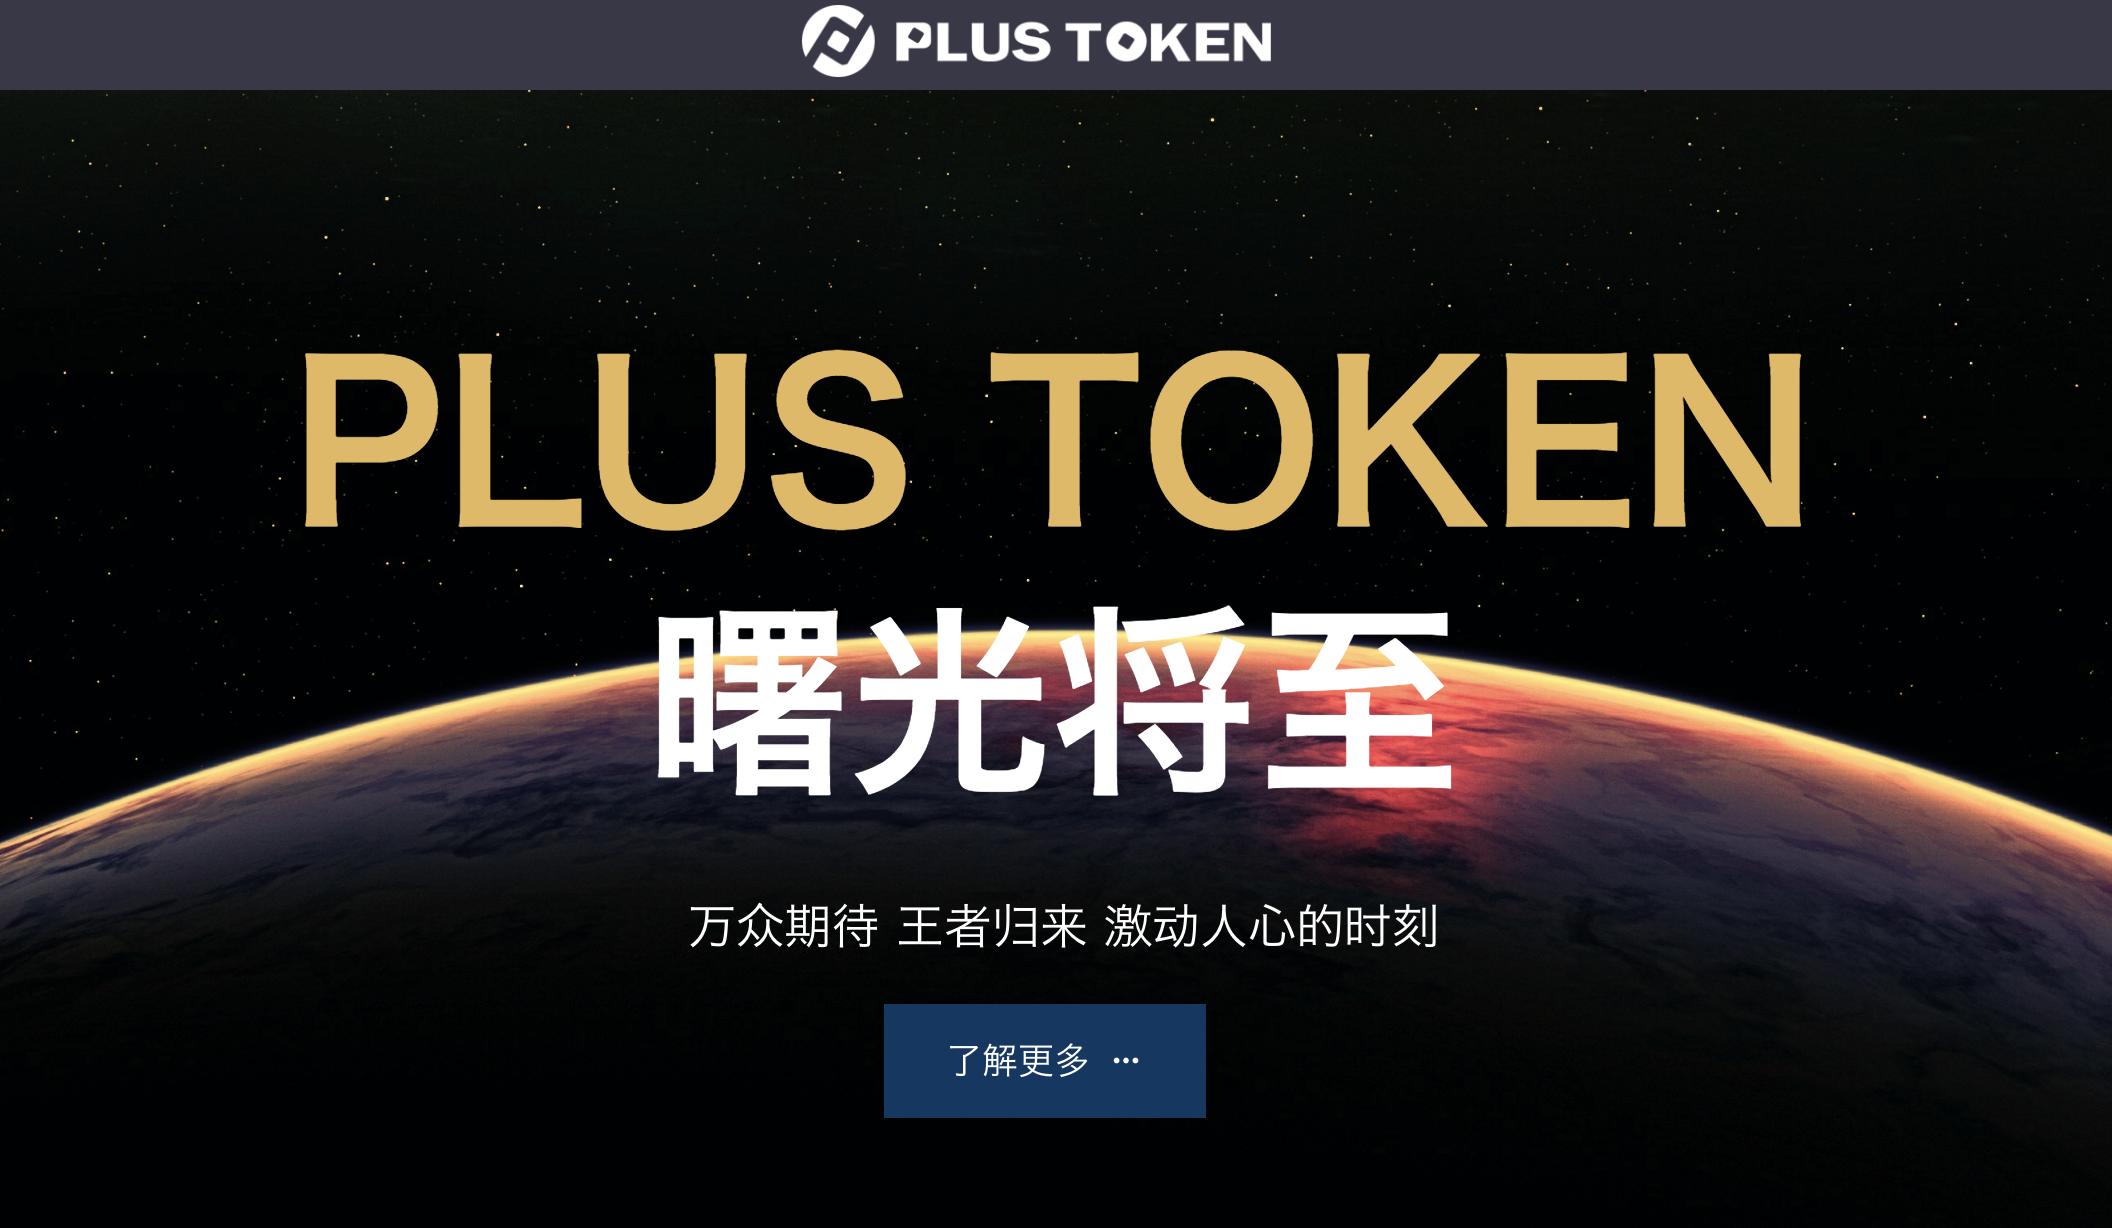 PlusToken(プラストークン) PlusToken.pro